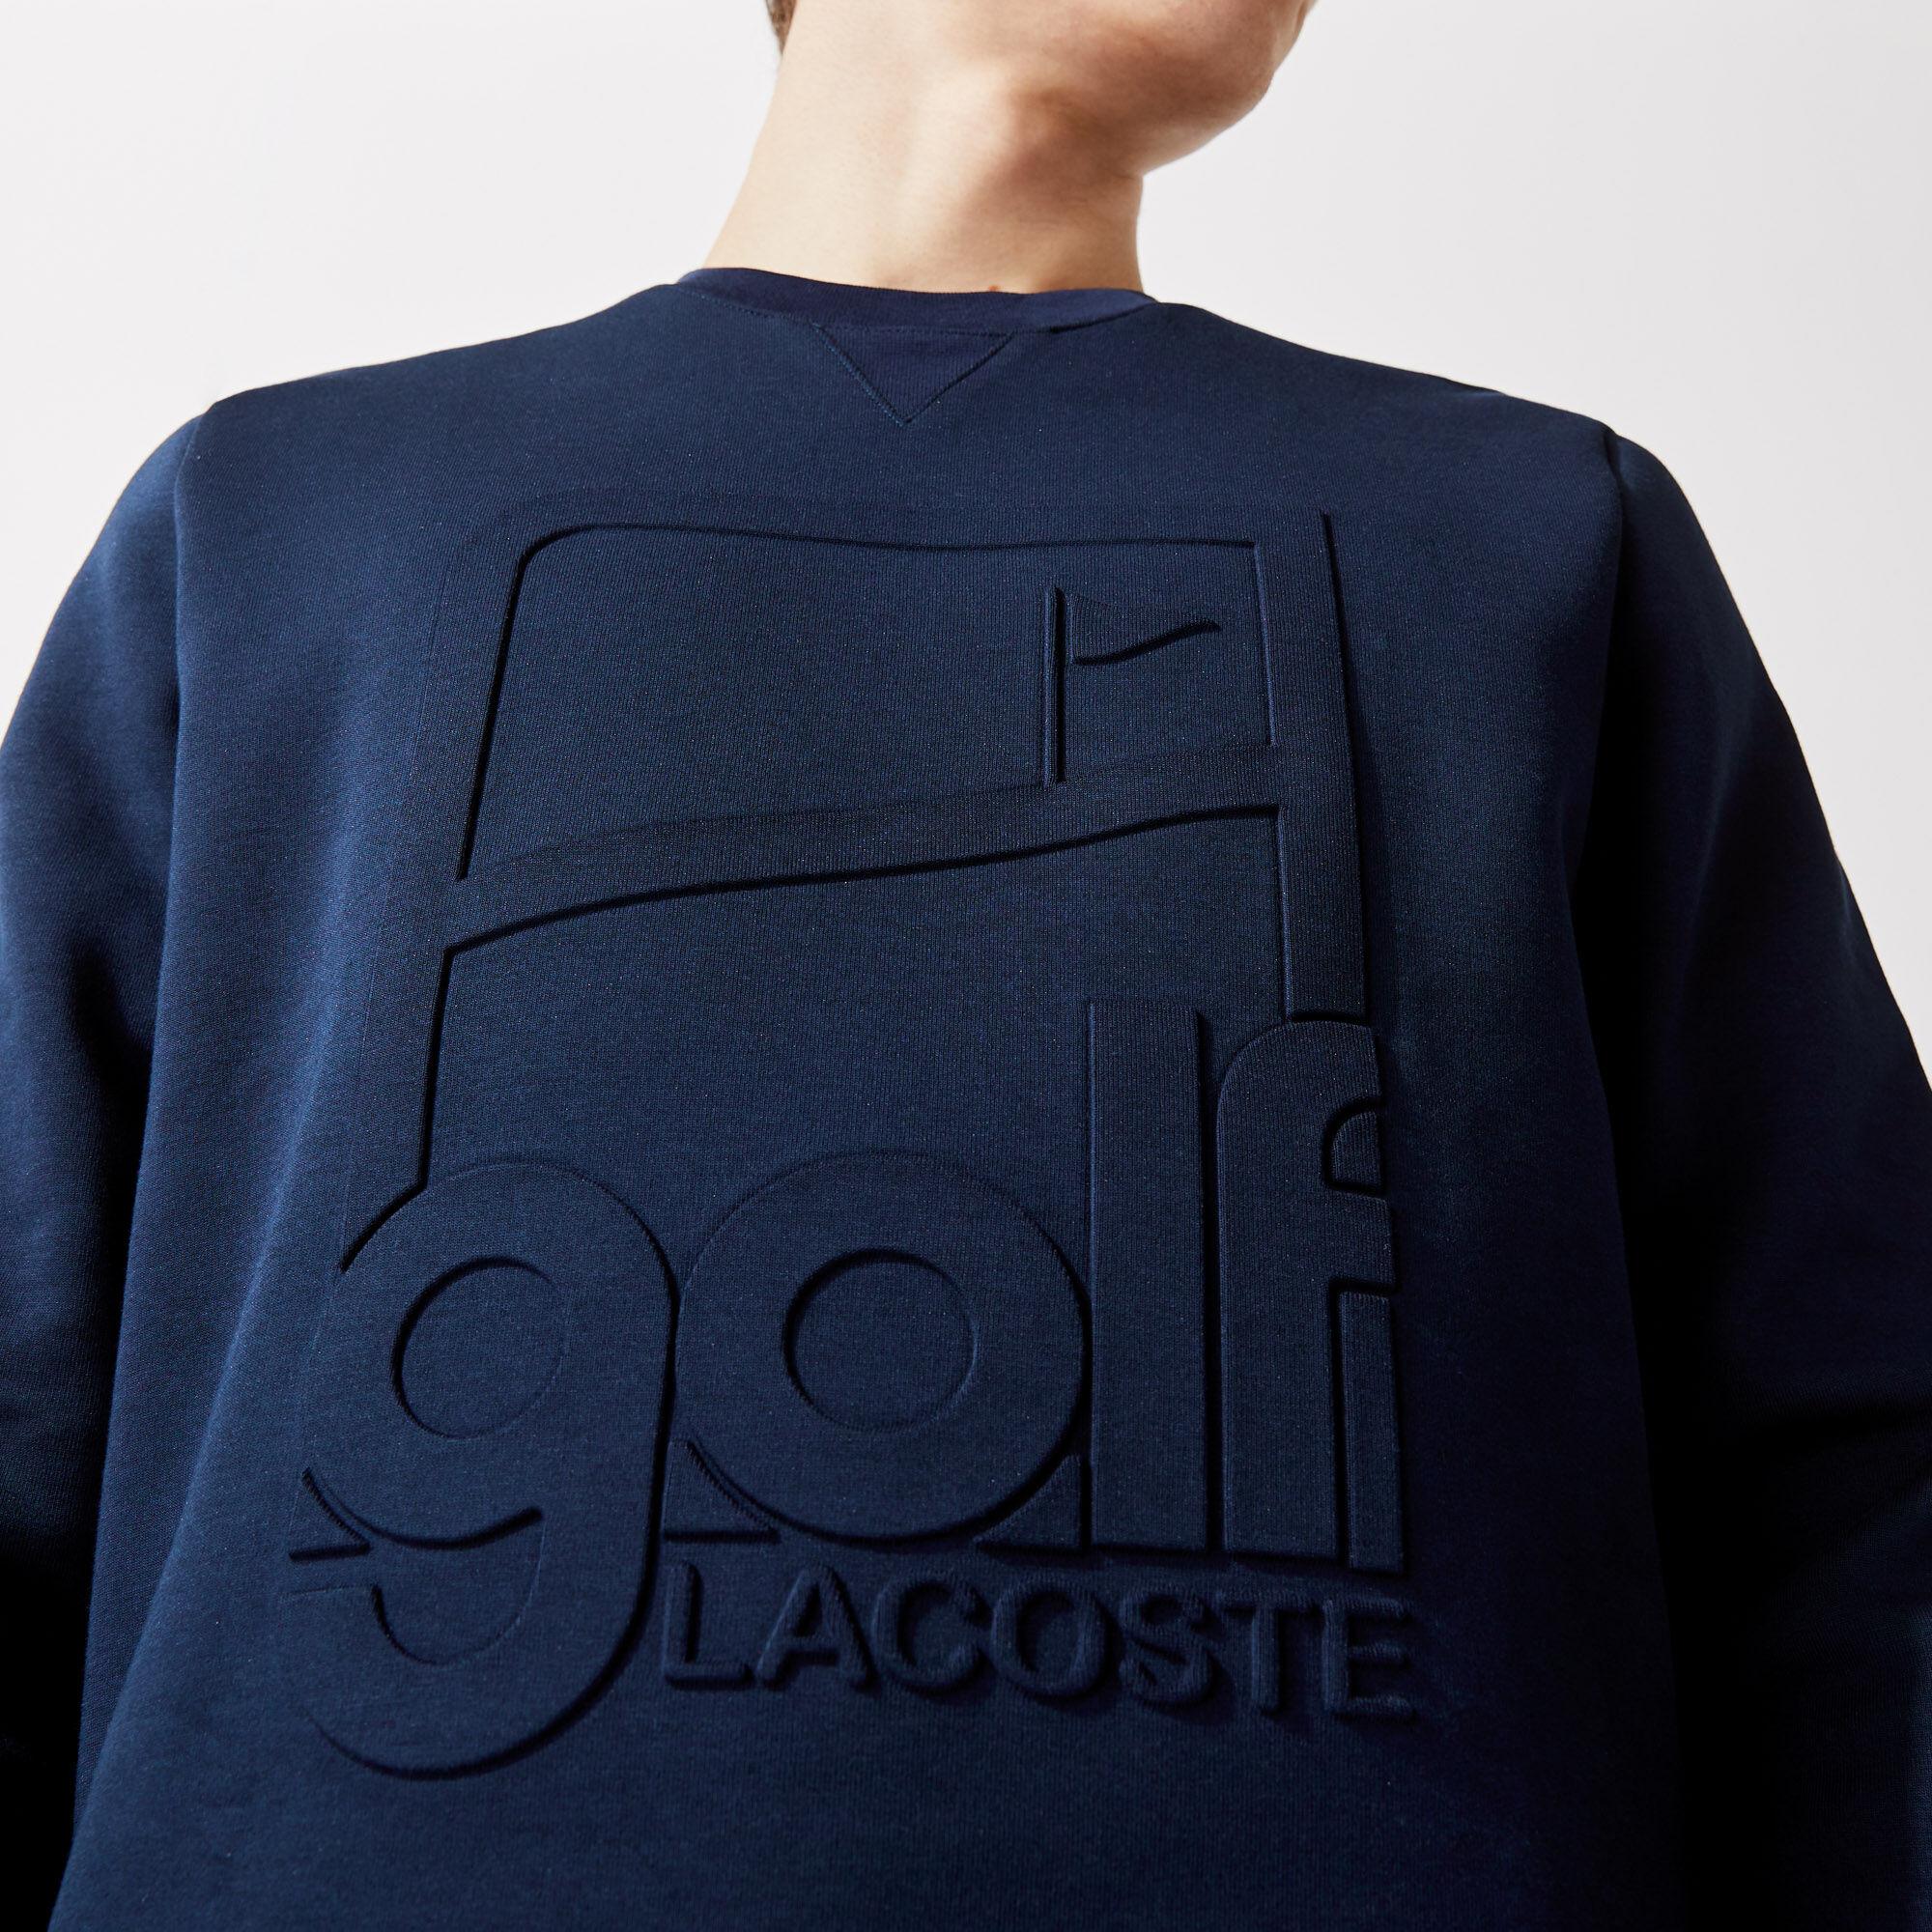 سويت شيرت للجولف مع طباعة رسومية وفتحة رقبة مستديرة مجموعة Lacoste SPORT للرجال